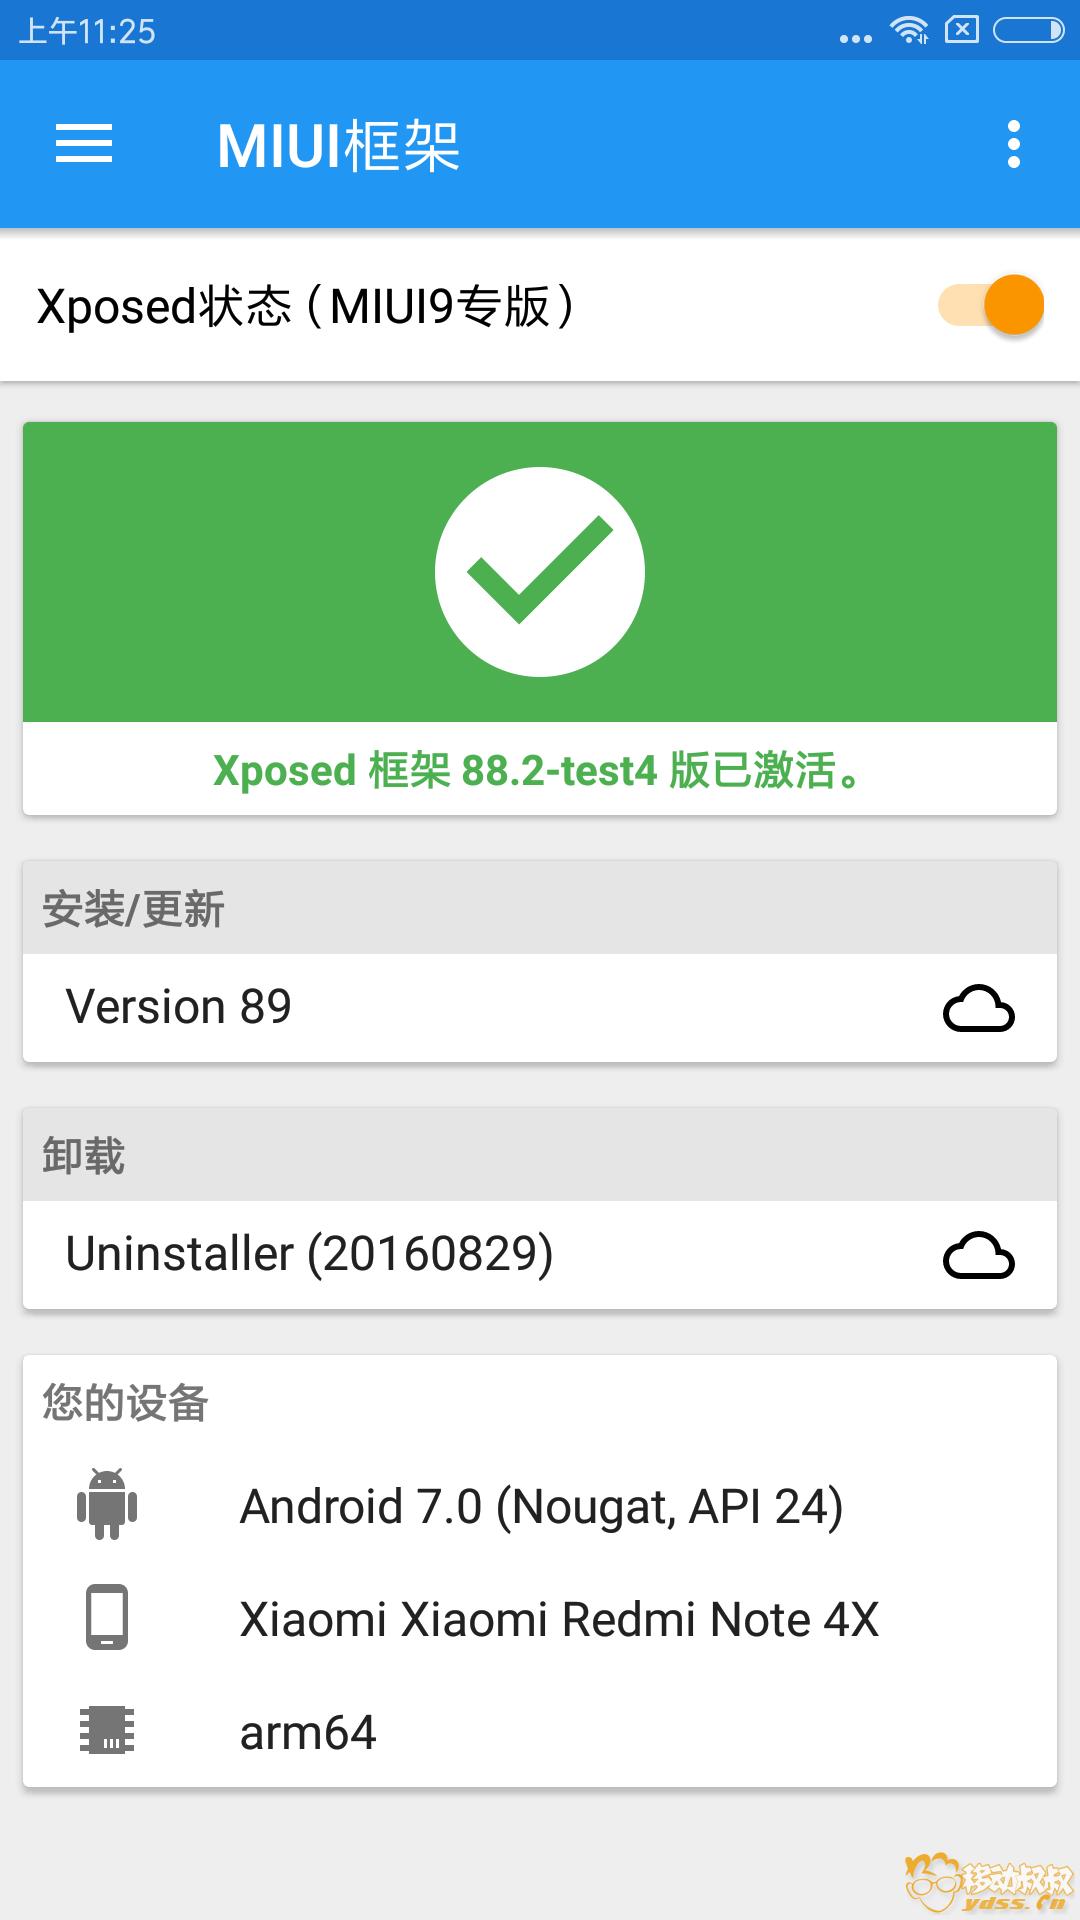 Screenshot_2017-12-26-11-25-39-042_de.robv.androi.png